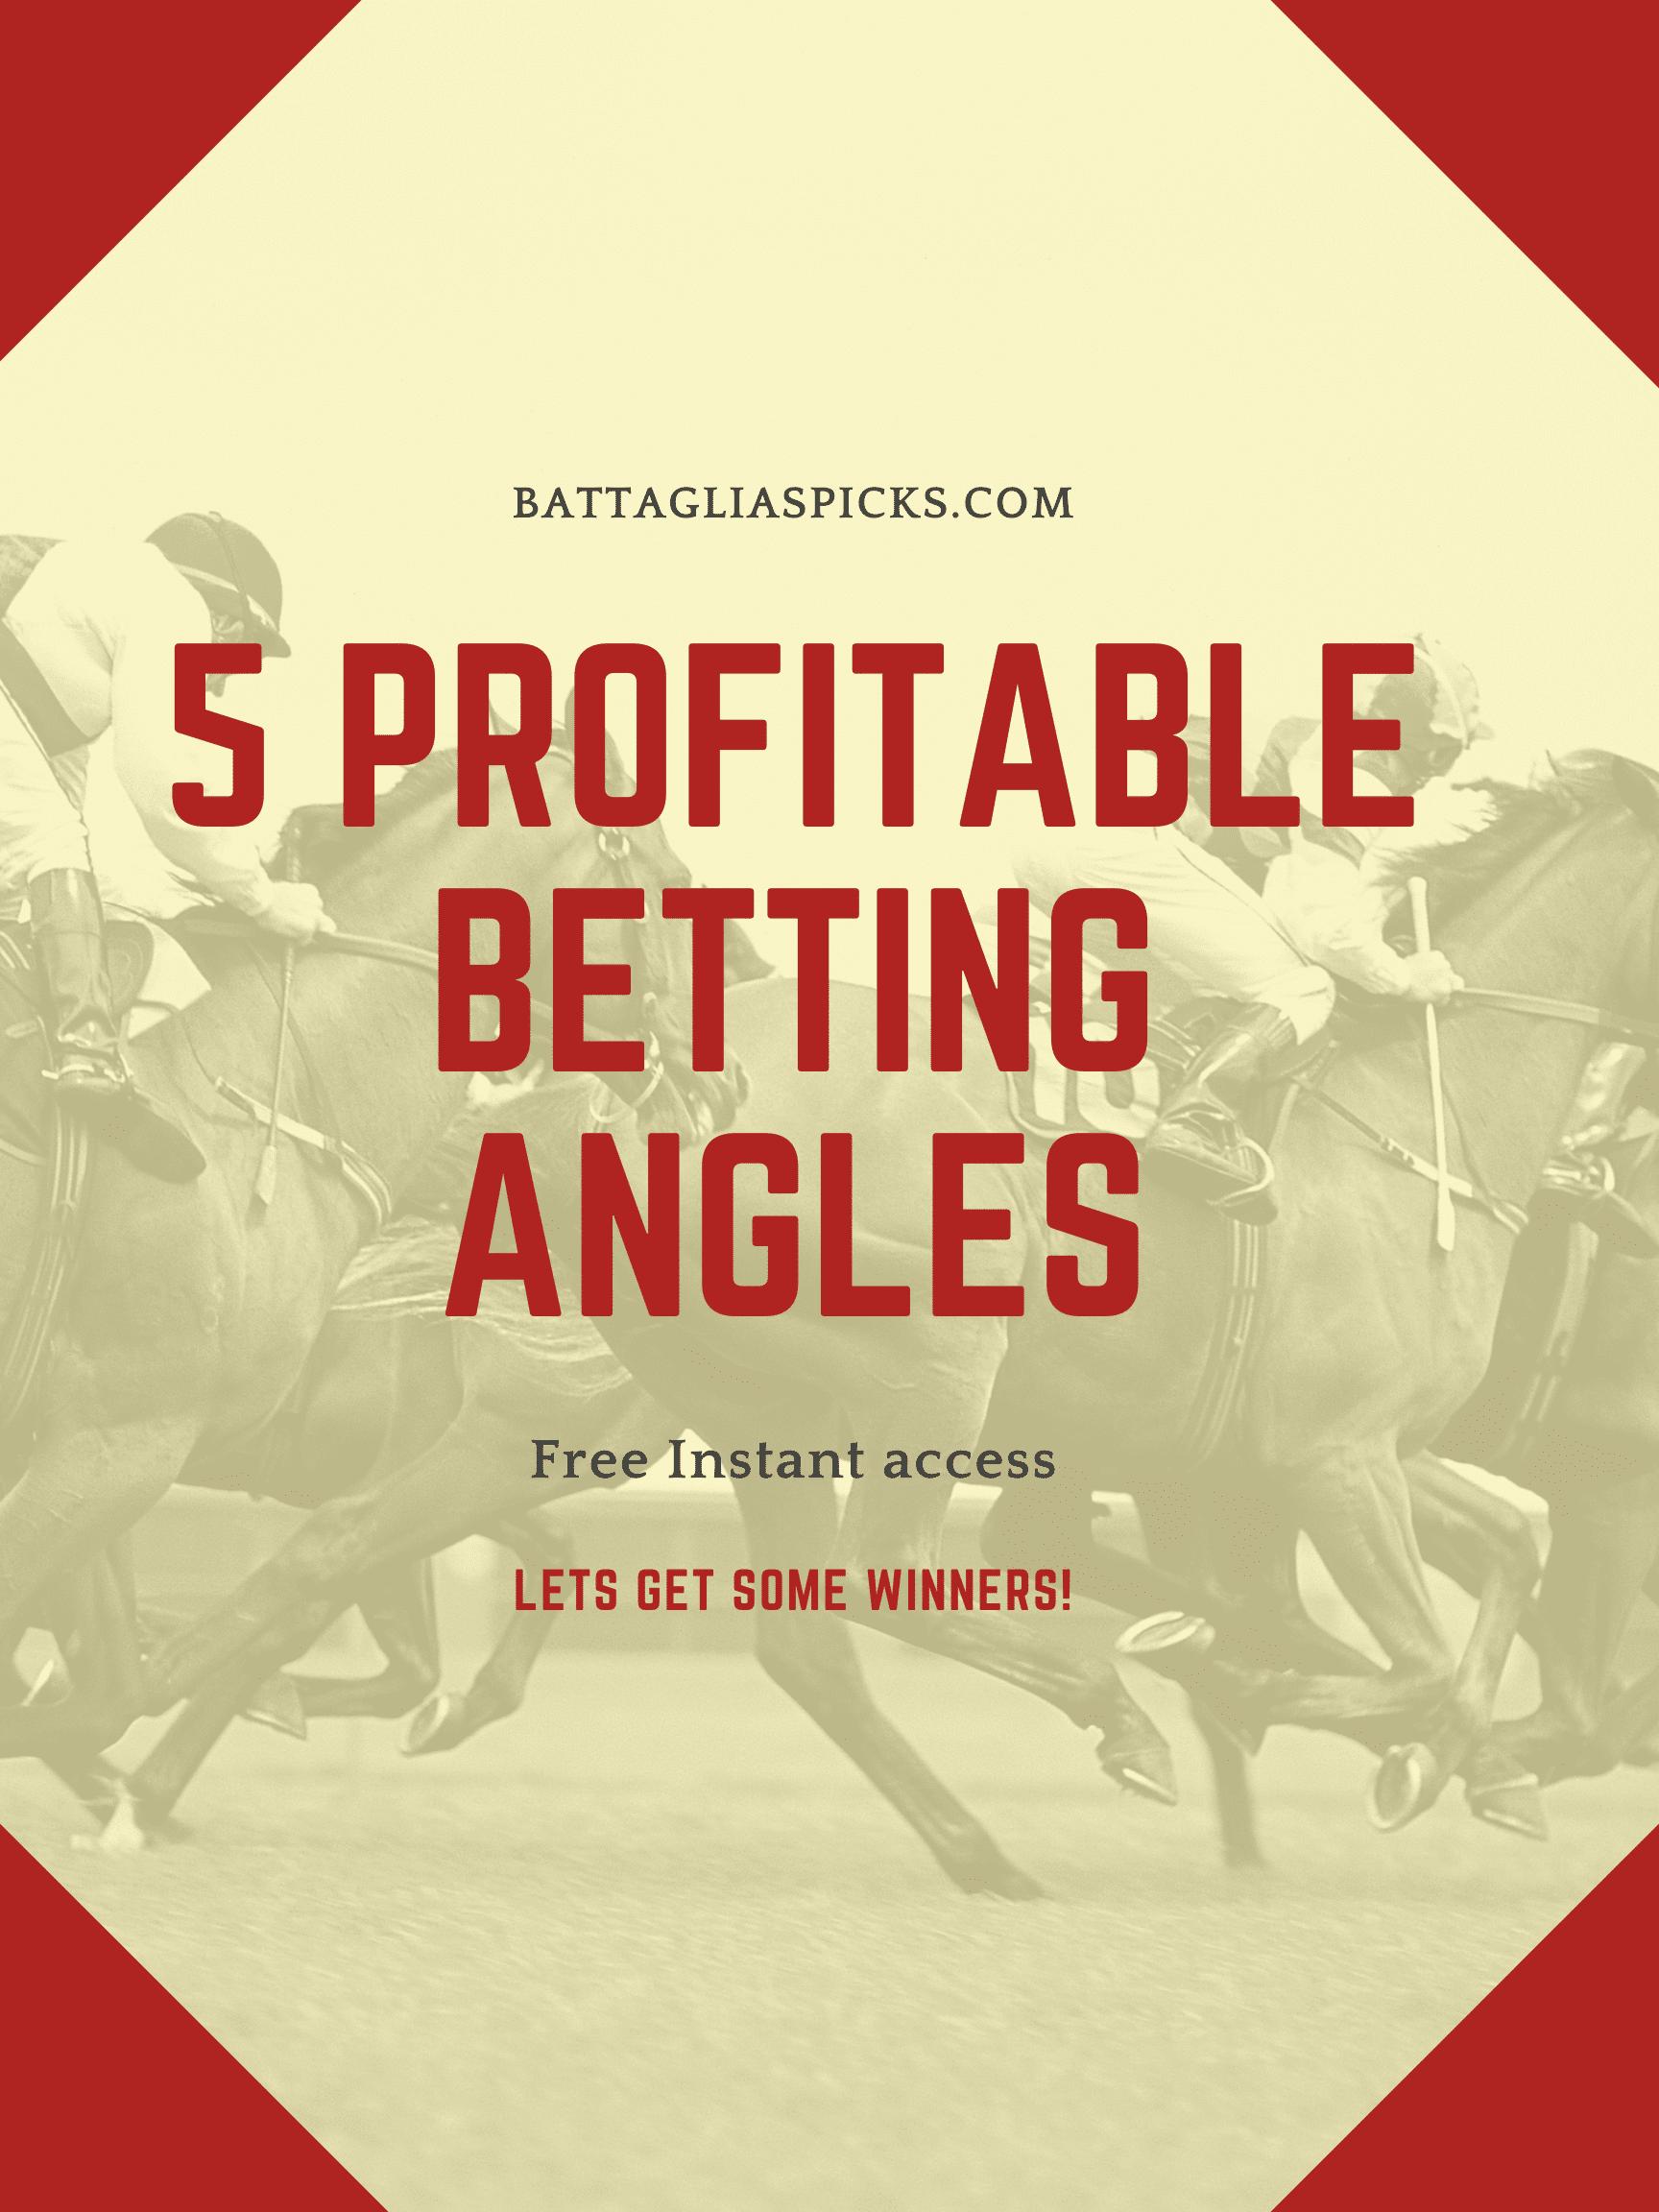 Profitable Betting Angle